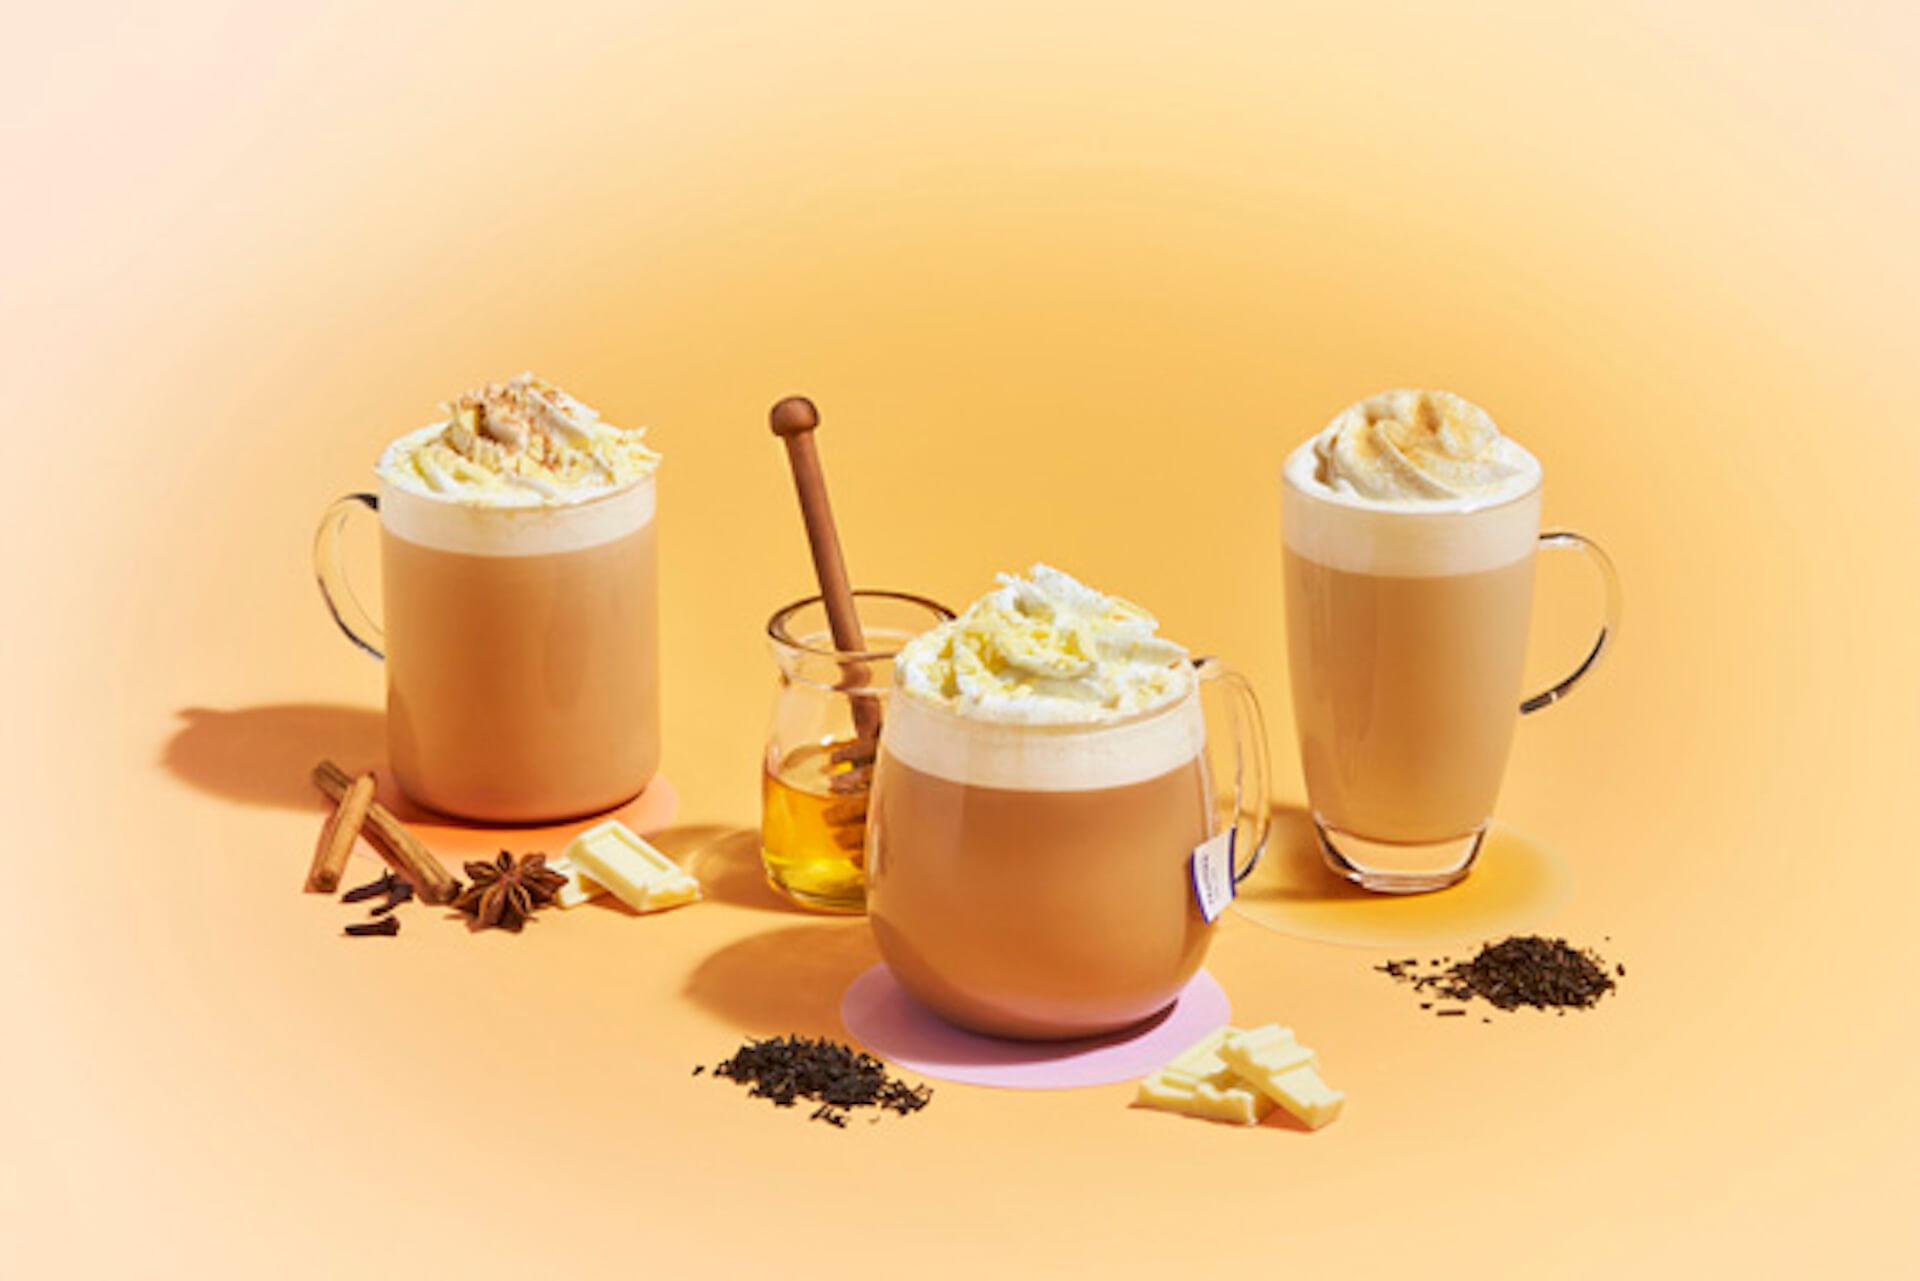 スターバックス コーヒーにアールグレイの新作フラペチーノが登場!「アール グレイ ハニー ホイップ フラペチーノ」ほか4商品が季節限定で発売 gourmet201218_starbucks_3